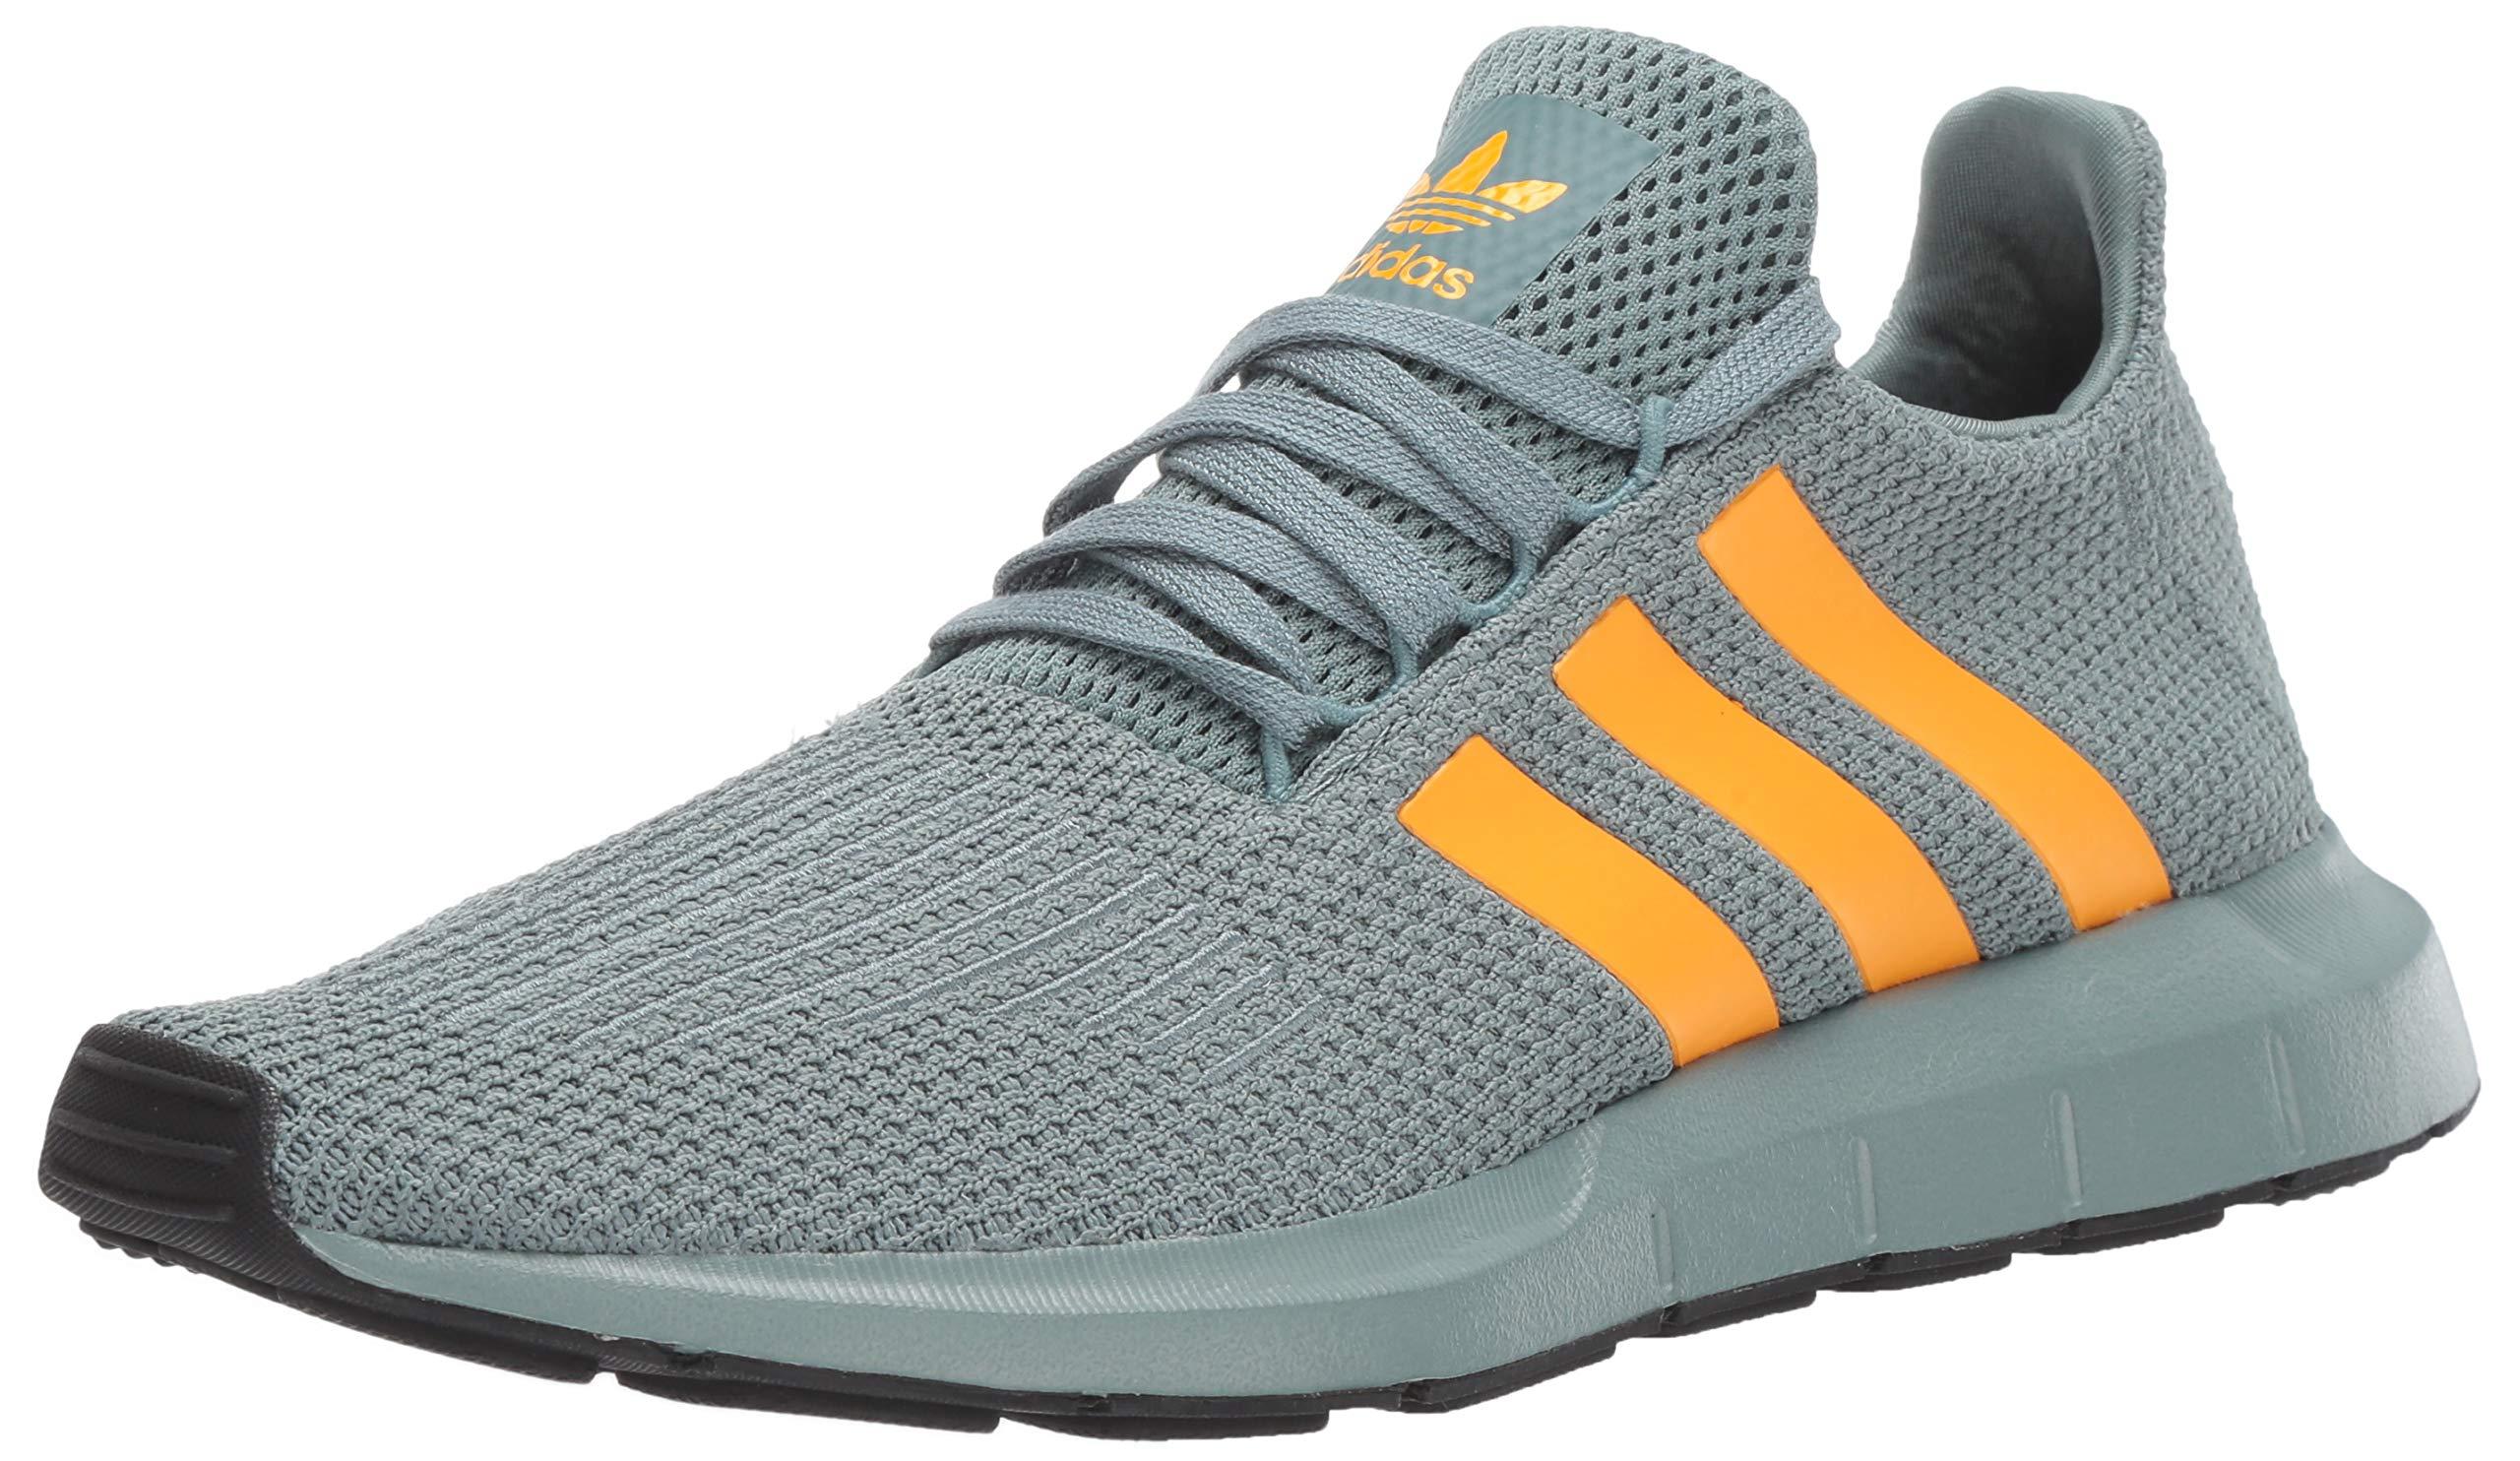 c6a1d87a6c6 adidas Men's Swift Run Gymnastics Shoes